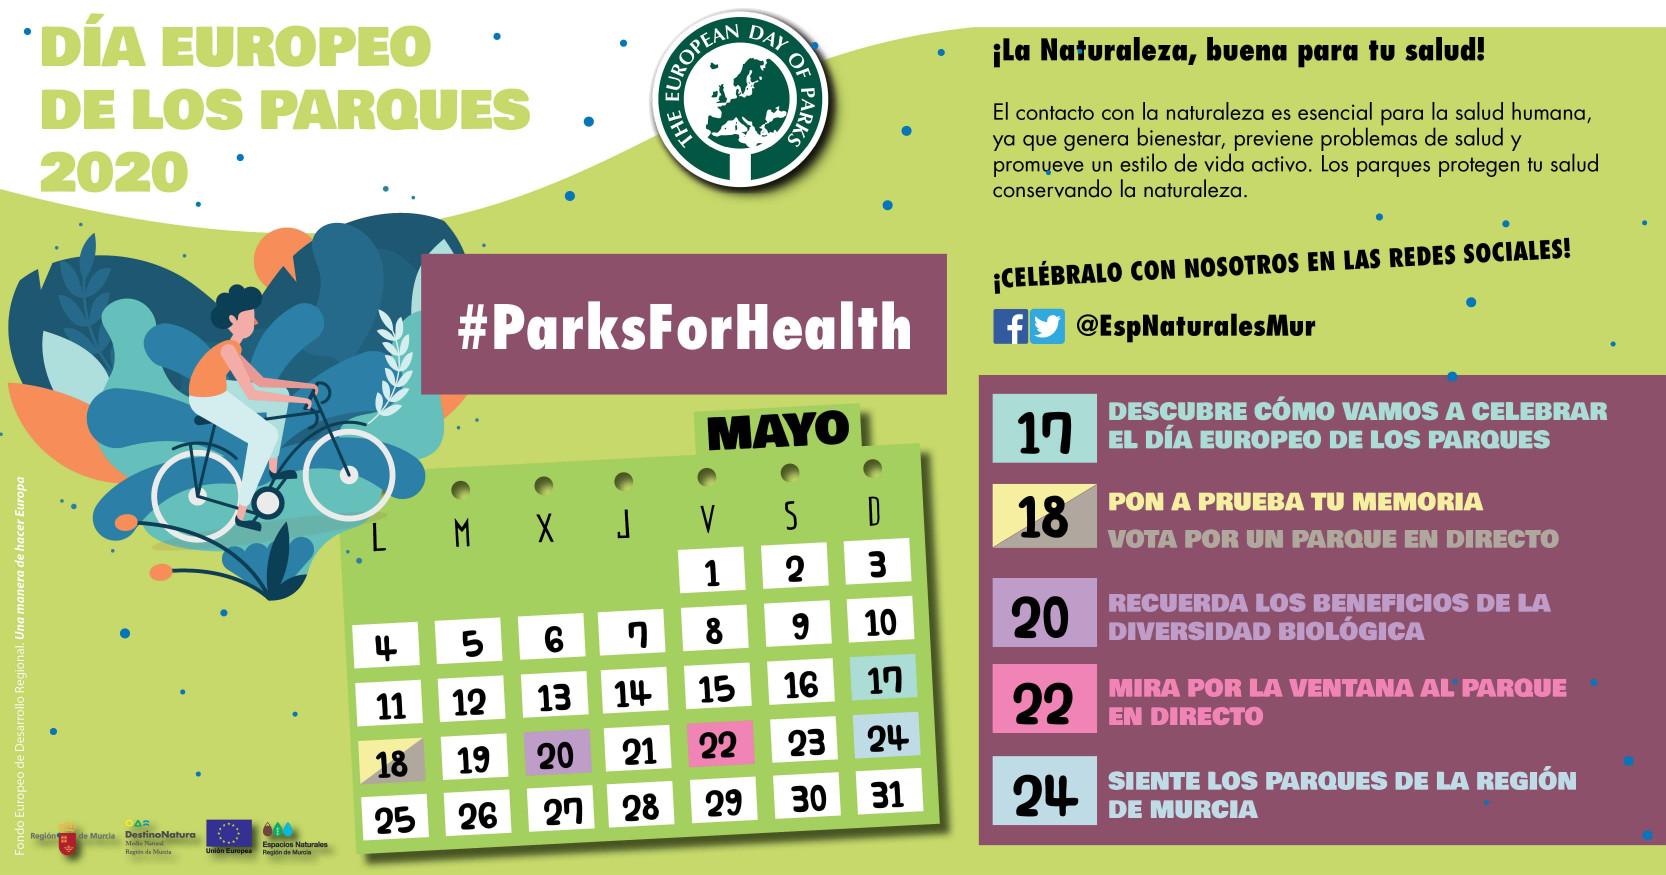 Día Europeo de los Parques 2020, Región de Murcia